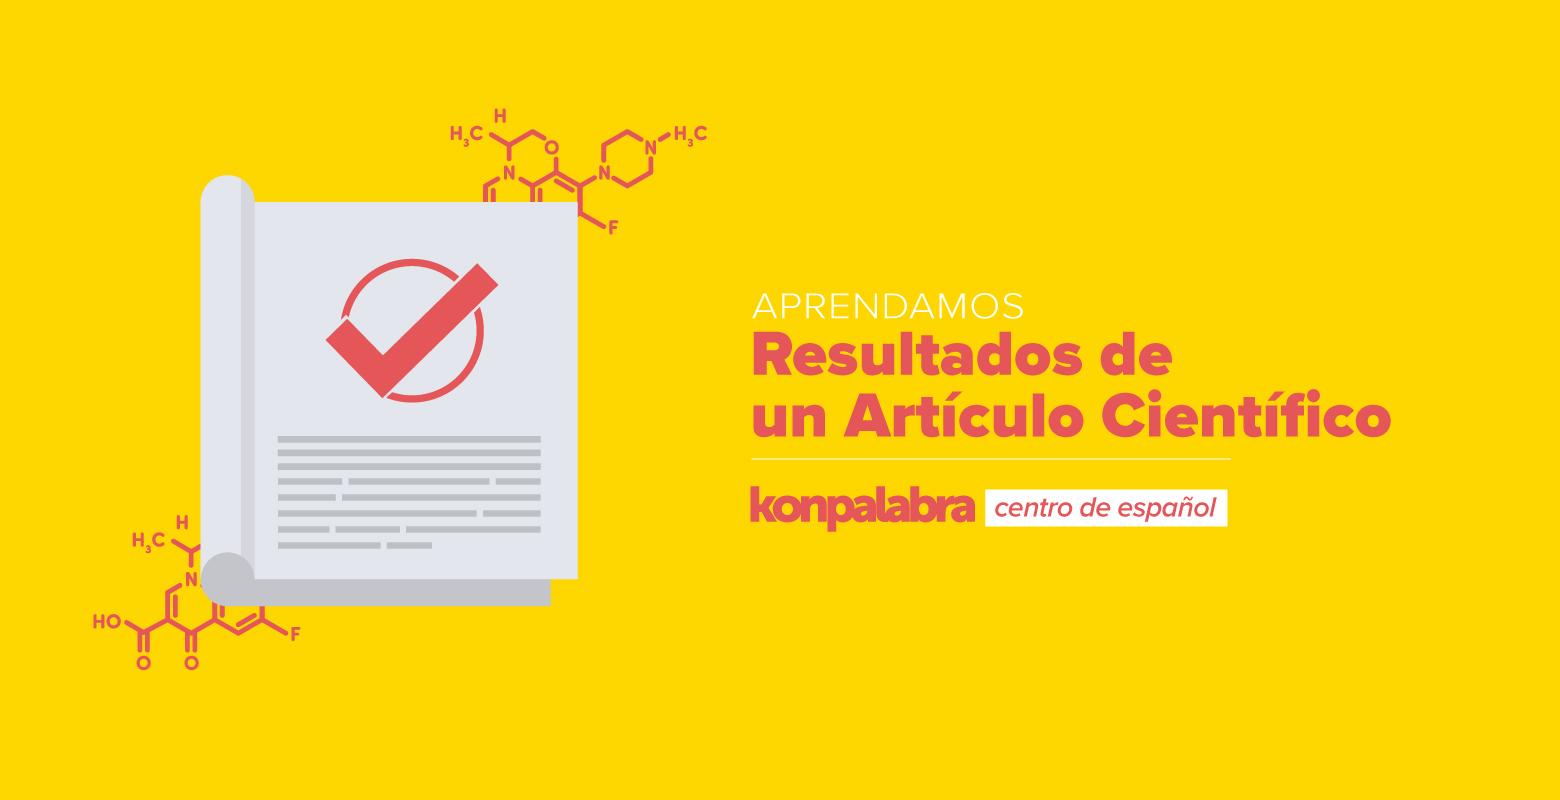 5. El artículo científico. Los resultados